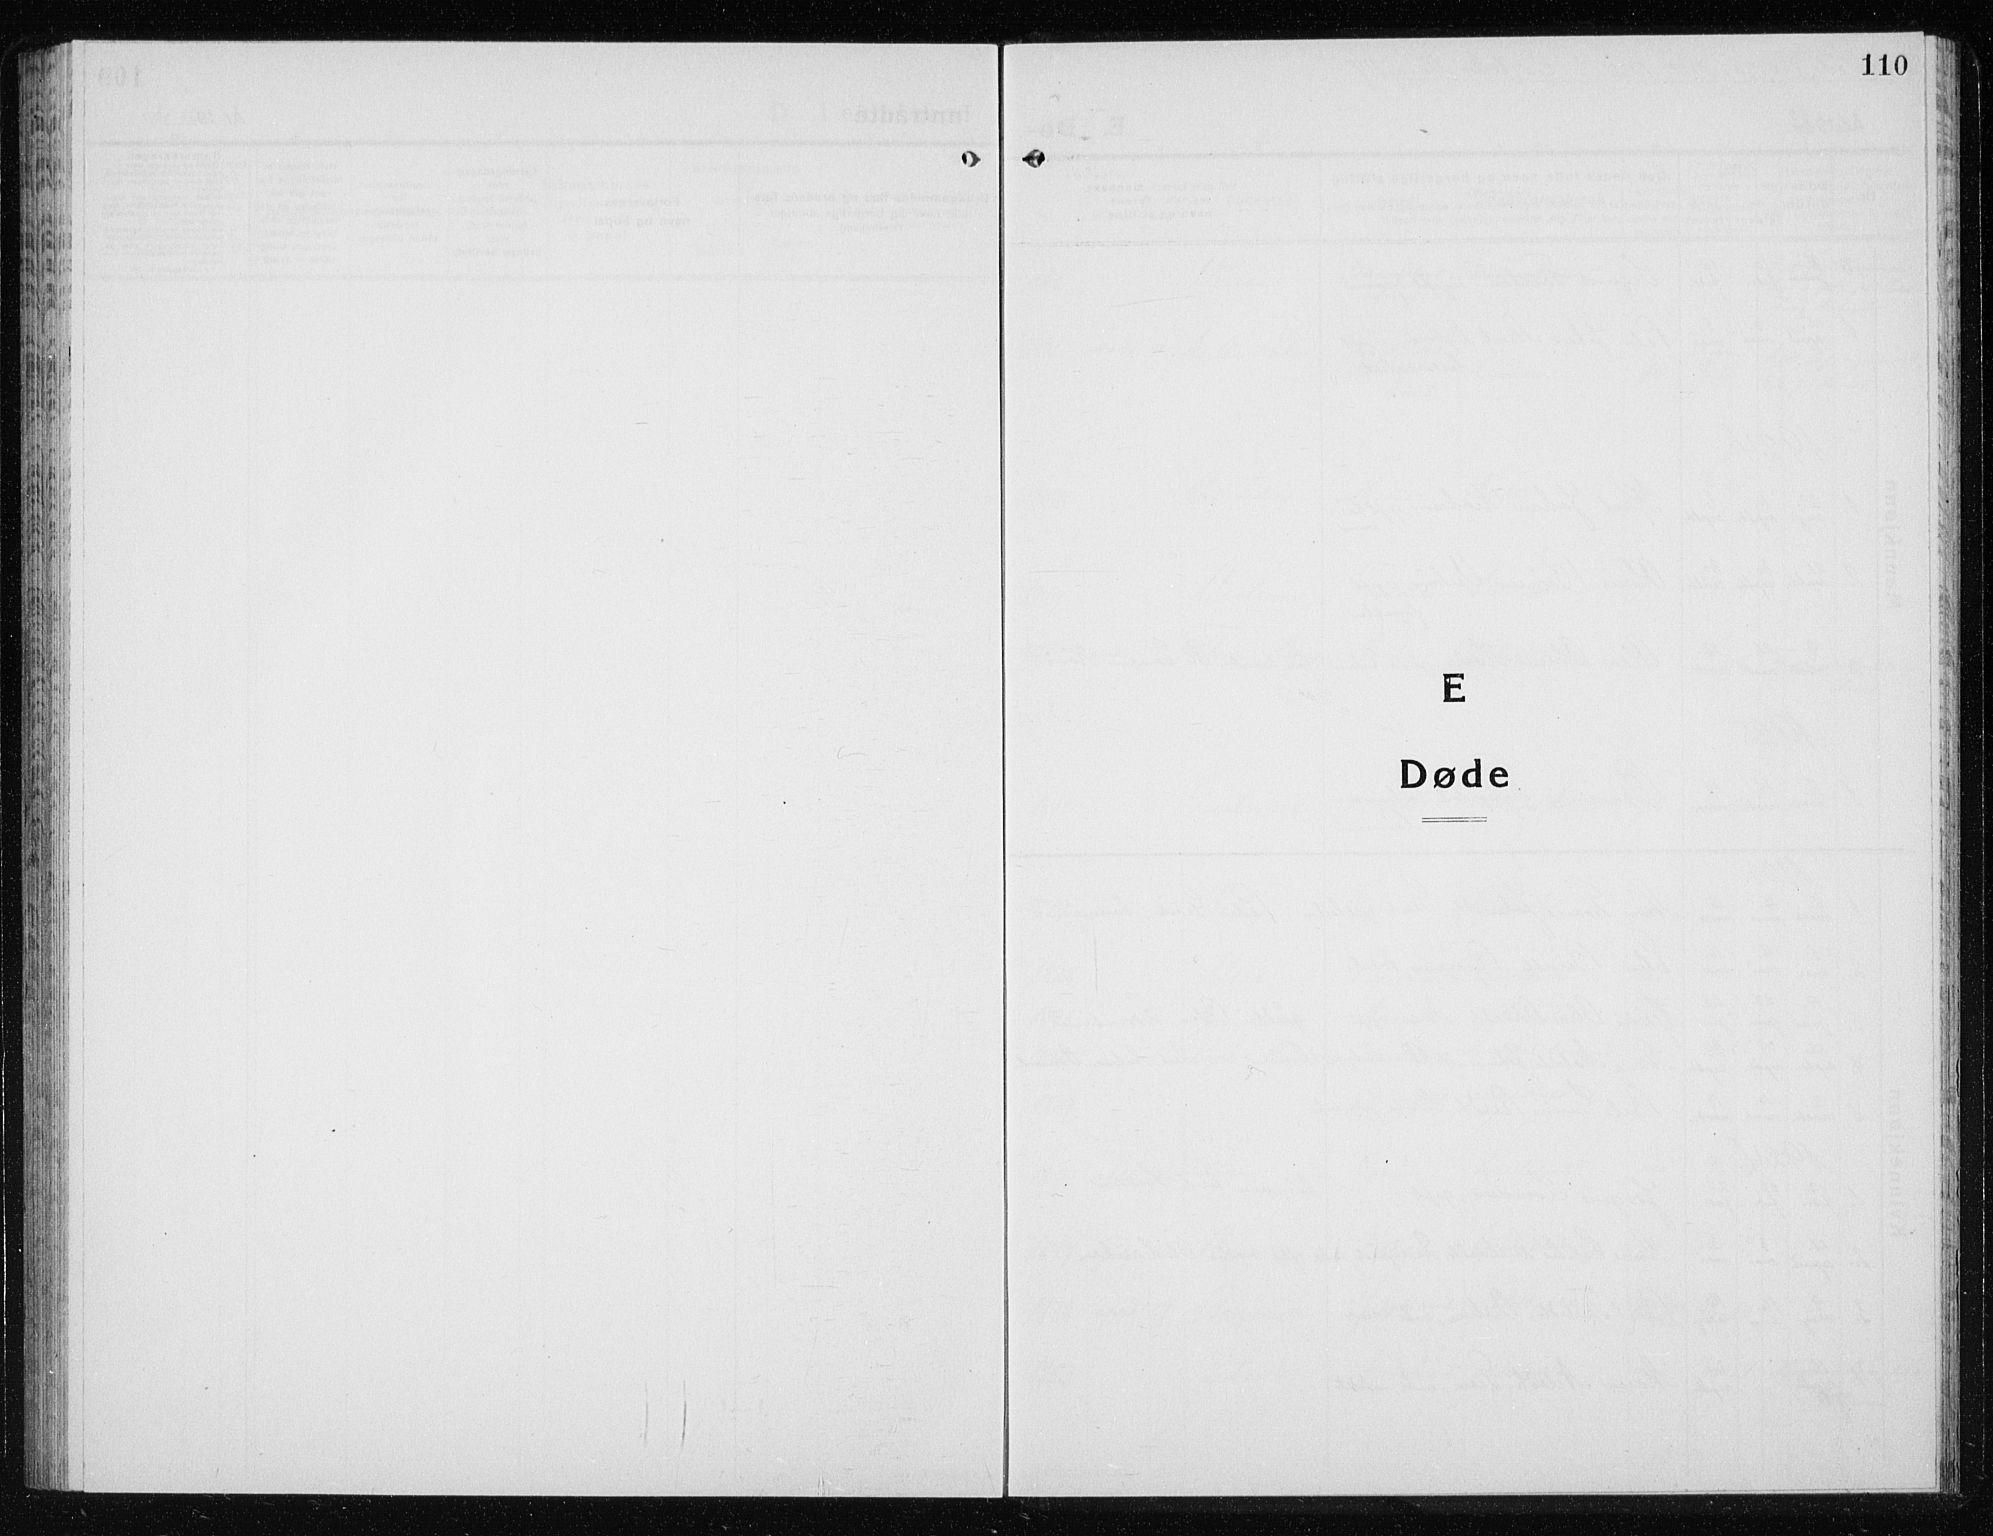 SAT, Ministerialprotokoller, klokkerbøker og fødselsregistre - Nord-Trøndelag, 719/L0180: Klokkerbok nr. 719C01, 1878-1940, s. 110